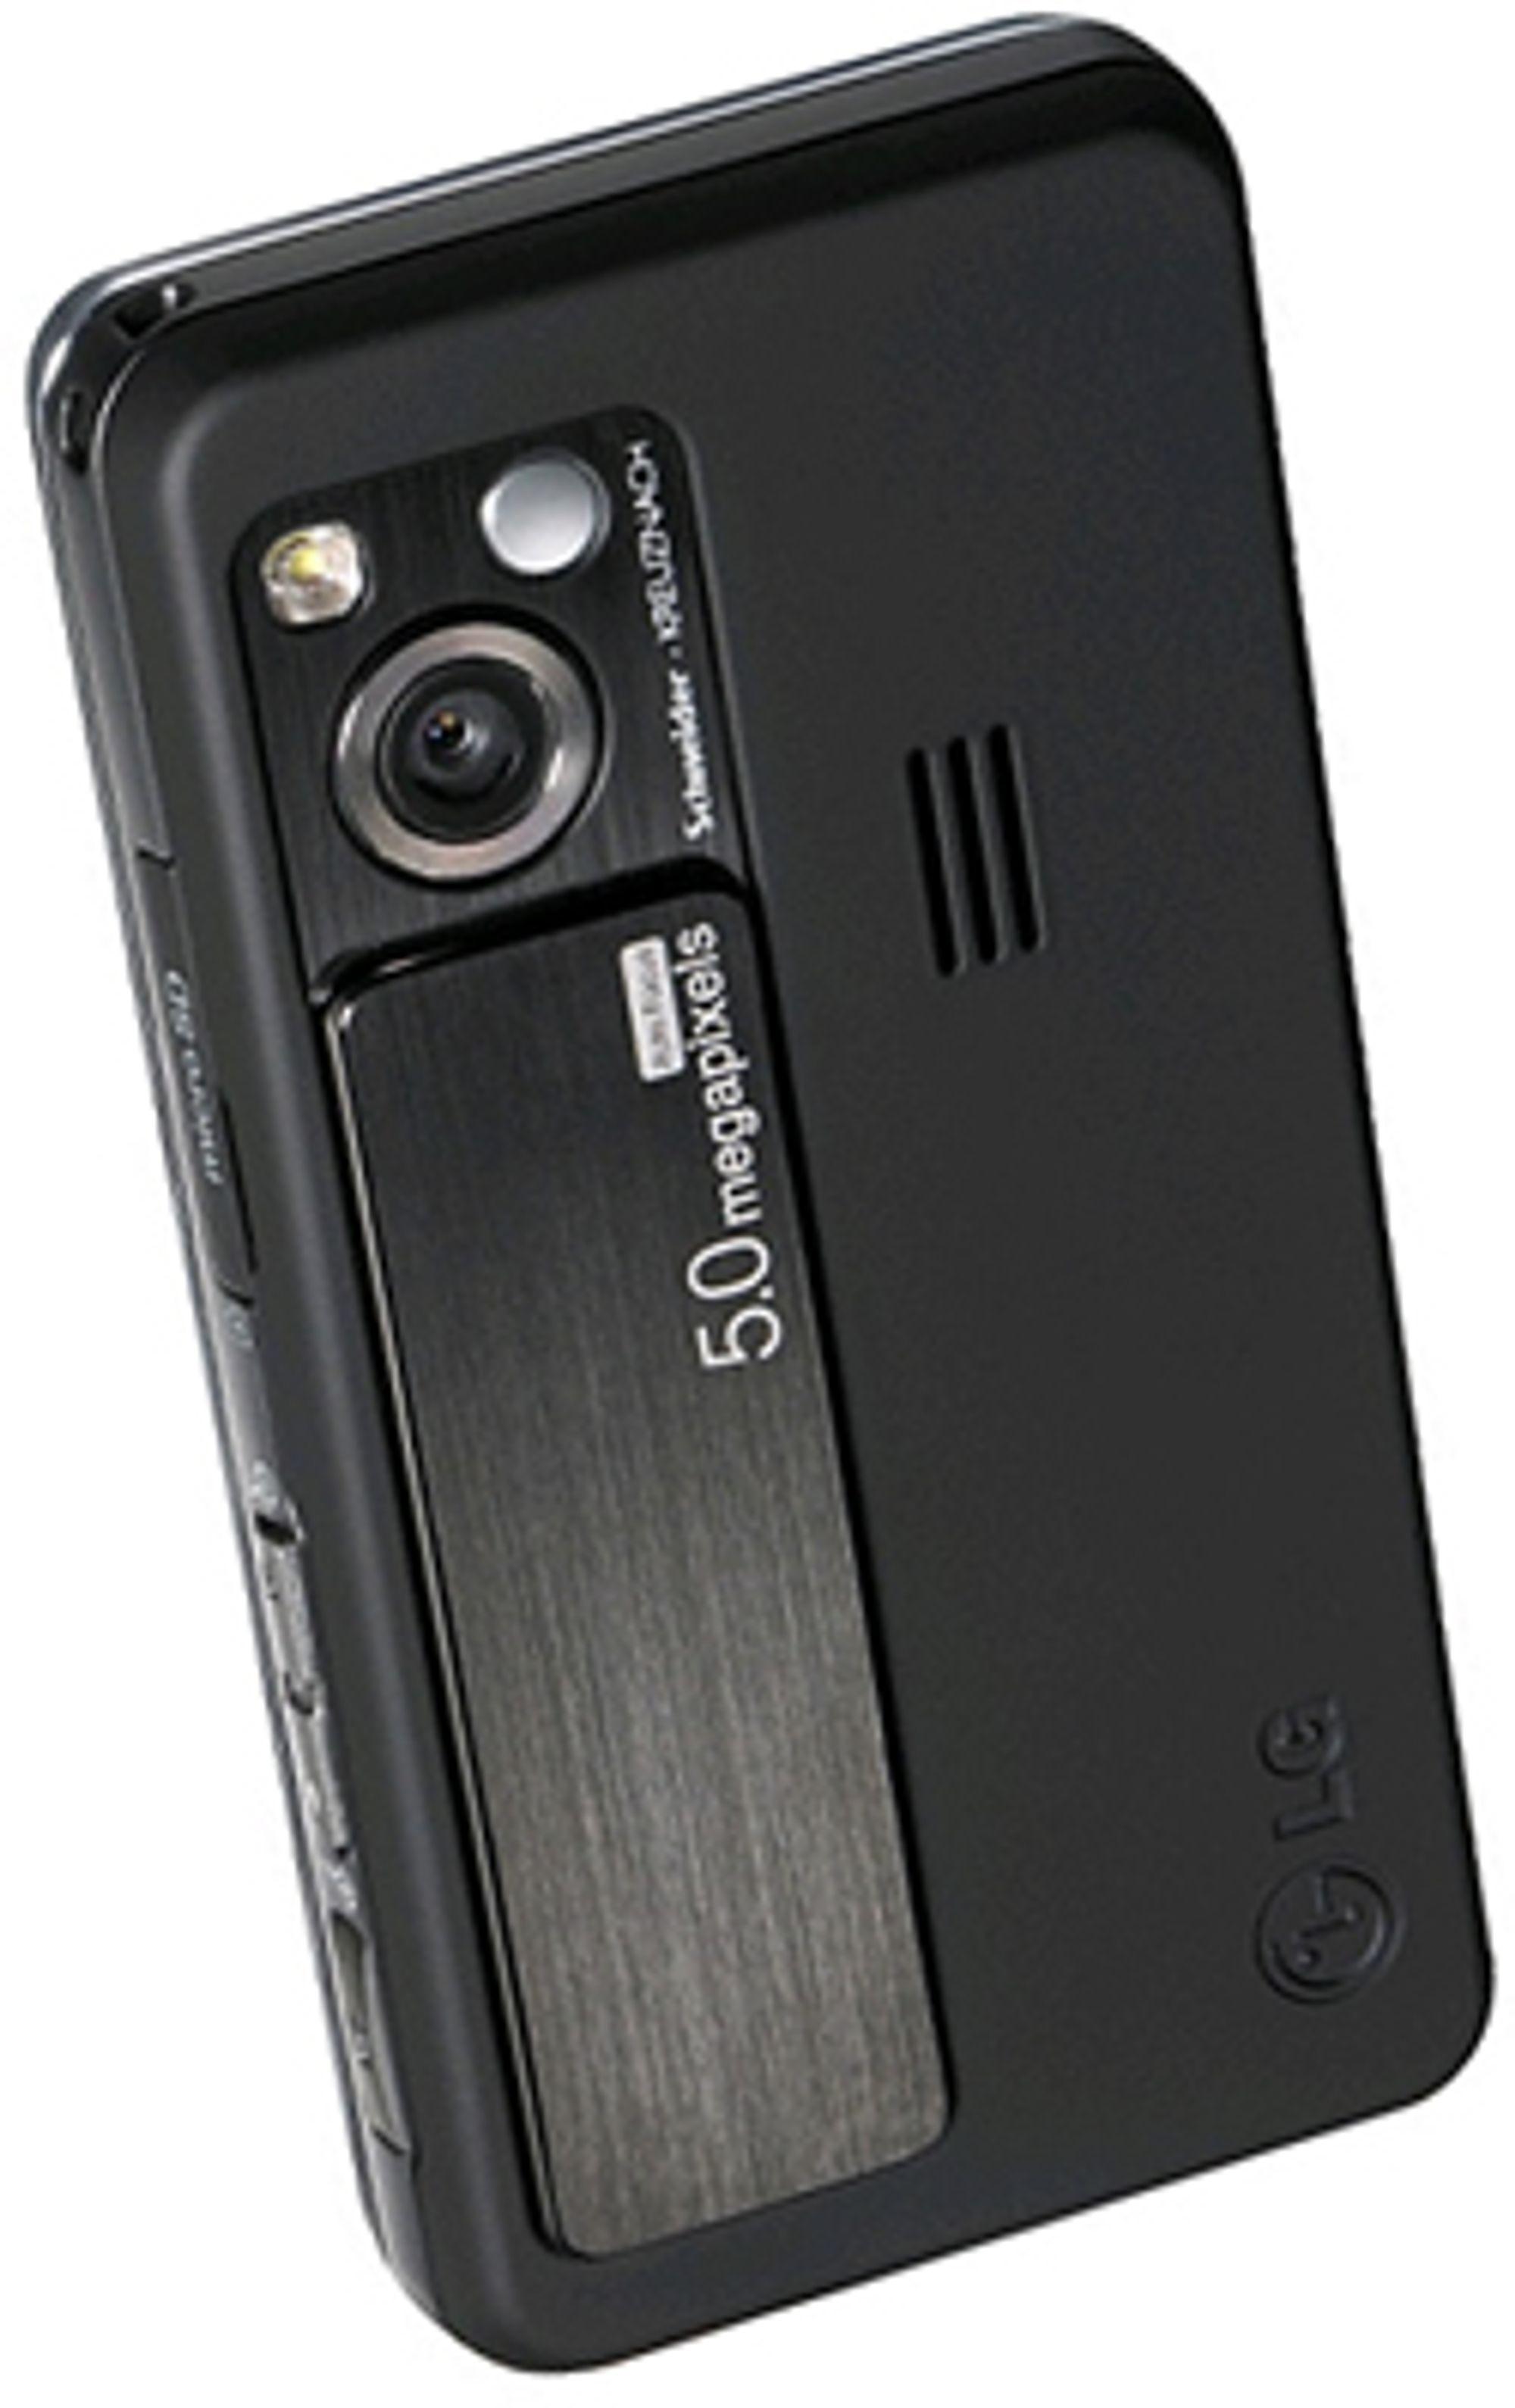 Kameraet beskyttes av et deksel.